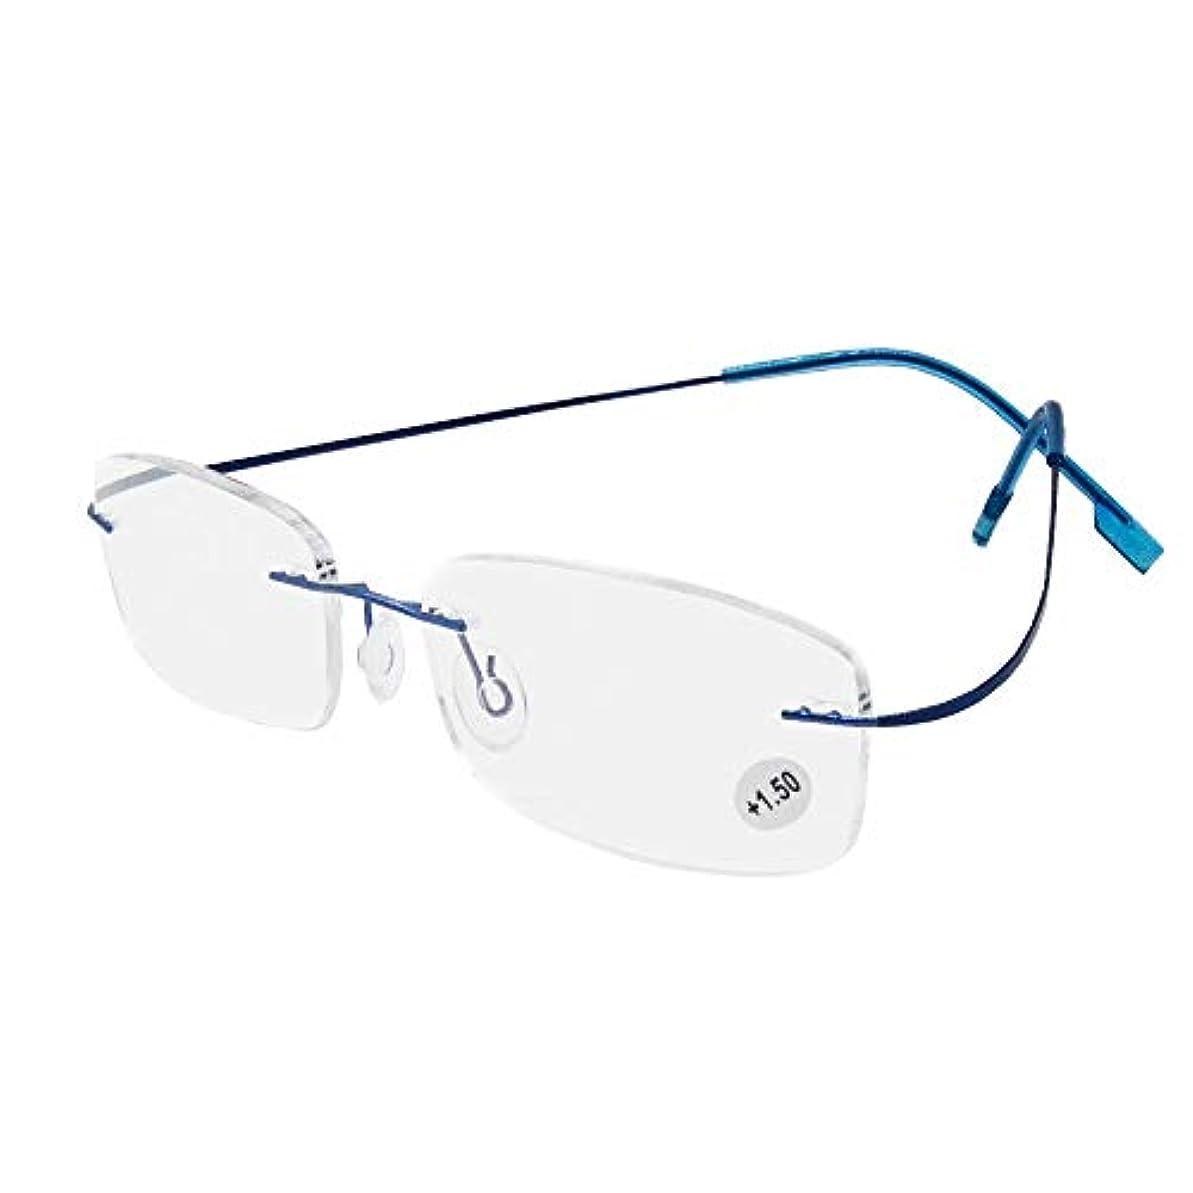 復活確保する名誉ある超軽量い リーディンググラス 老眼鏡 シニアグラス 枠なし 超弾性 柔らかい フレーム (ブルー, 度数+3.50)